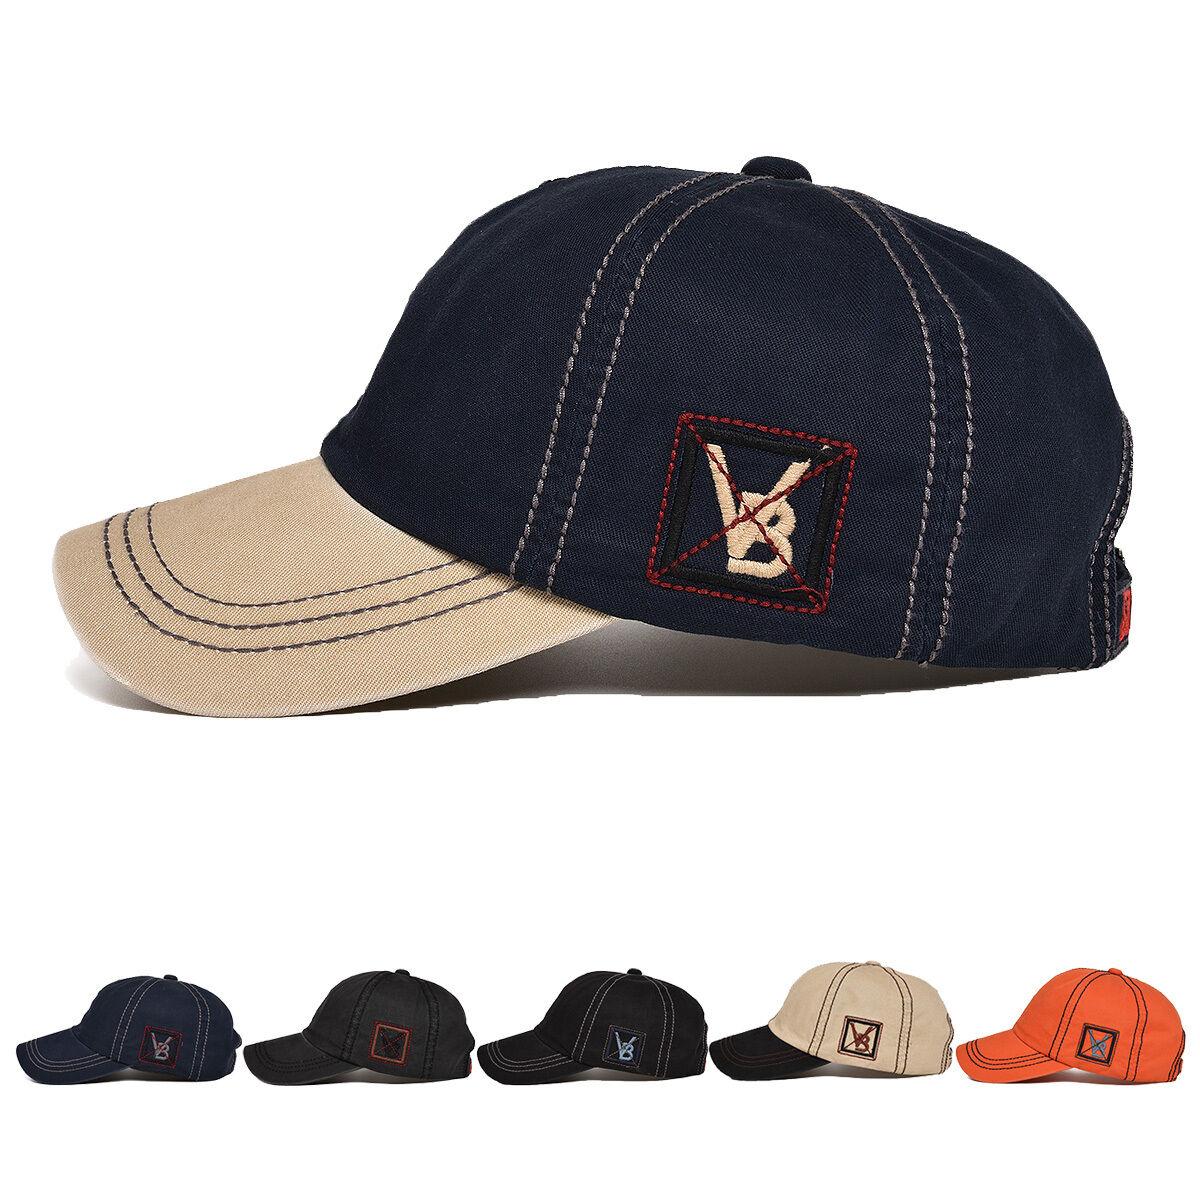 New VOBOOM Mens Women Adjustable Plain Baseball Cap Sport Sn